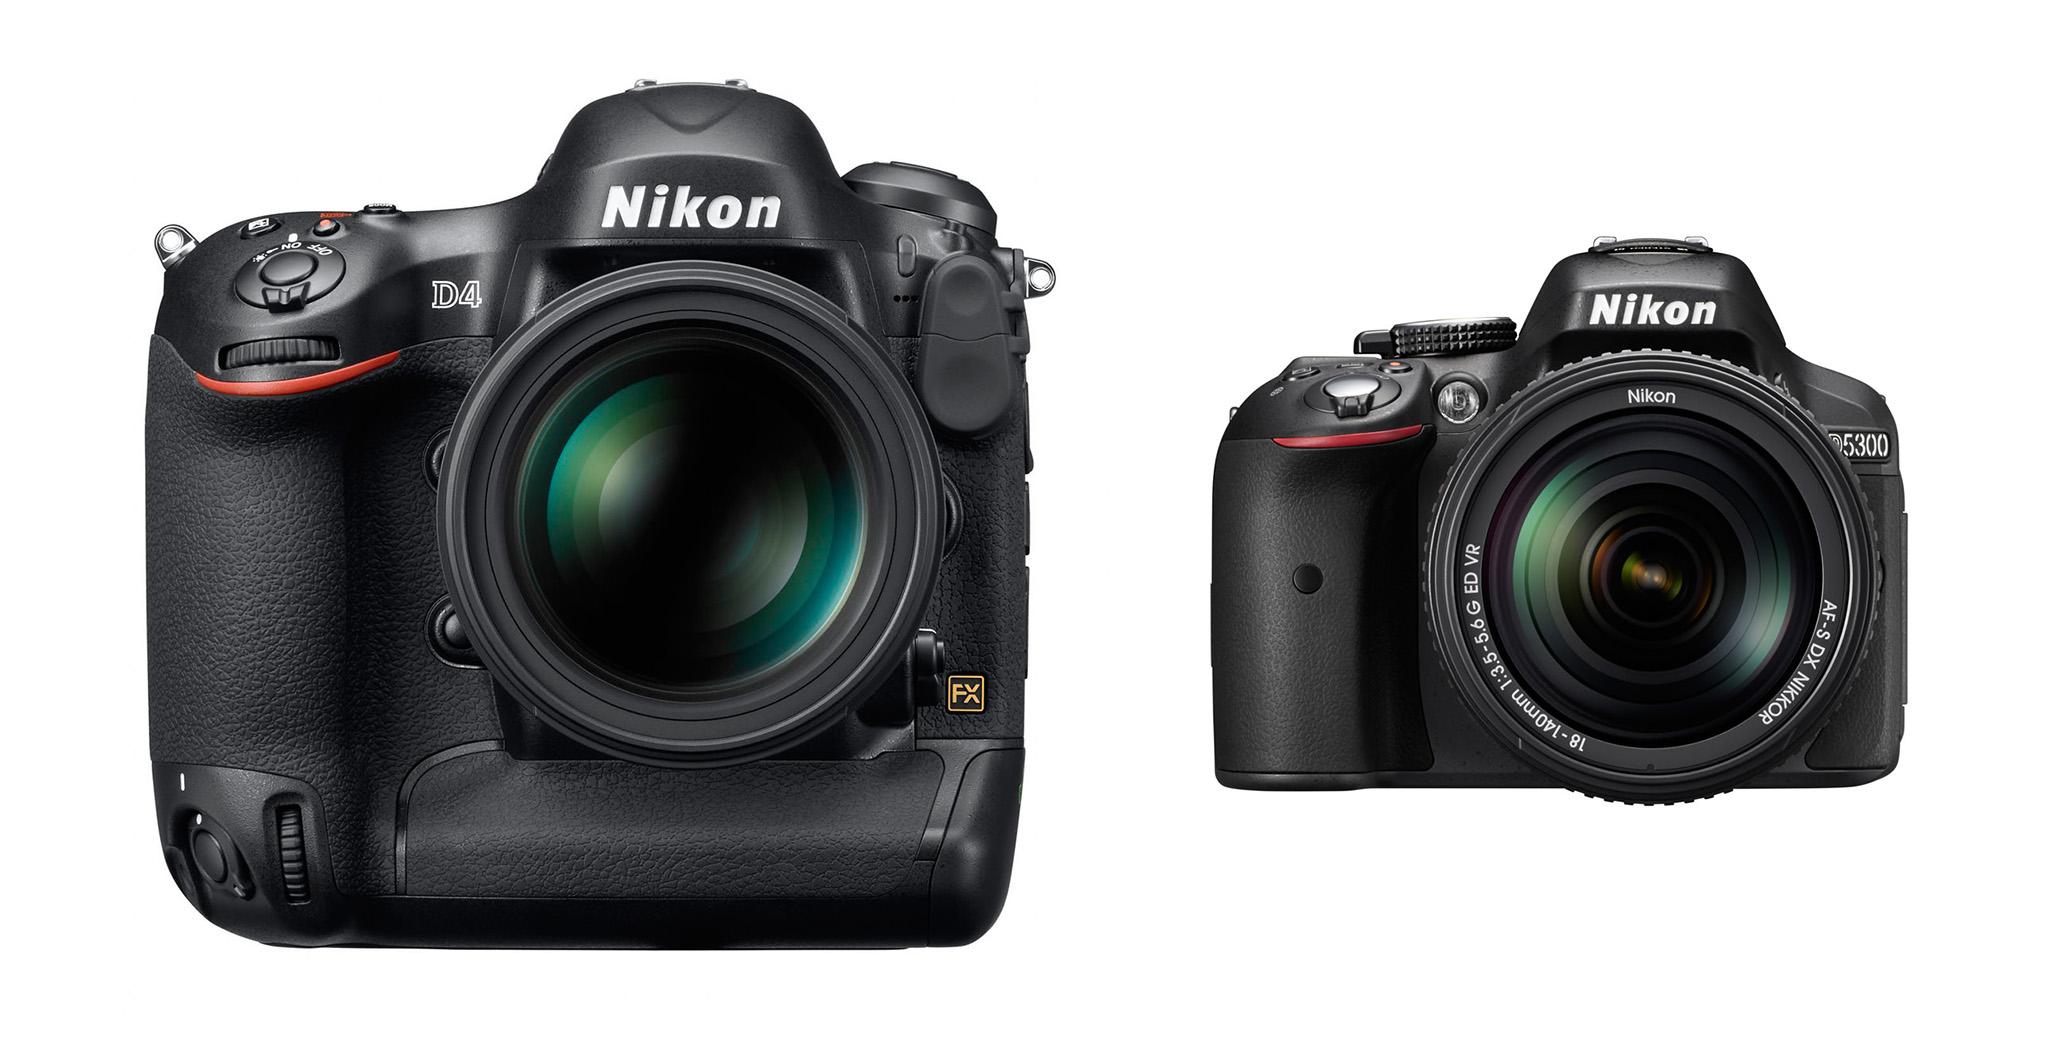 Nikon D4 vs Nikon D5300